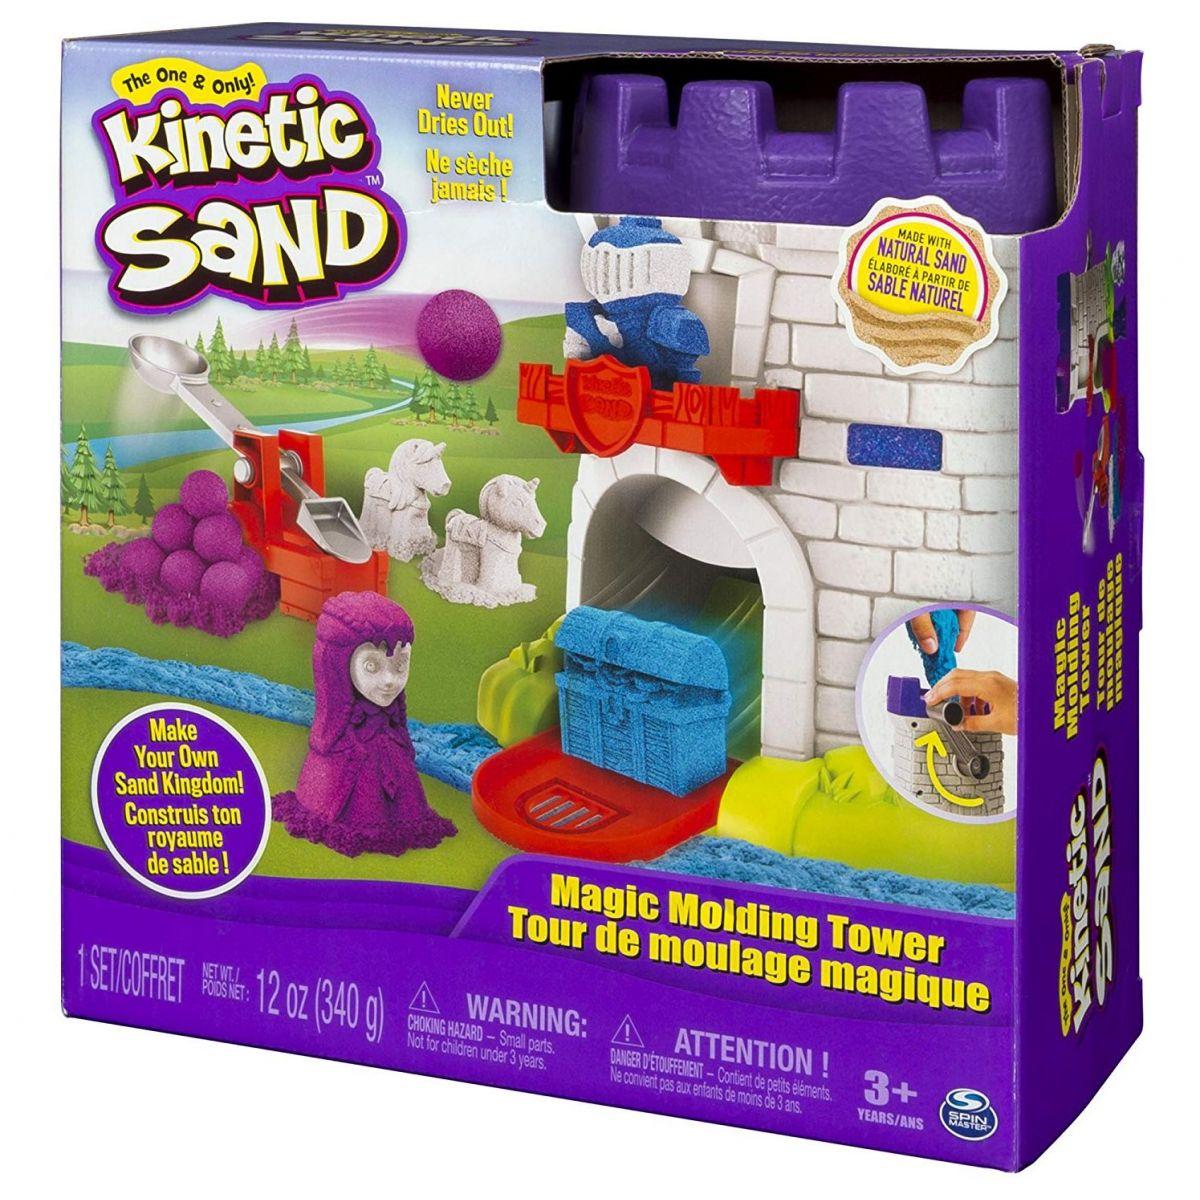 Kinetic Sand středověká věž s doplňky - Poškozený obal